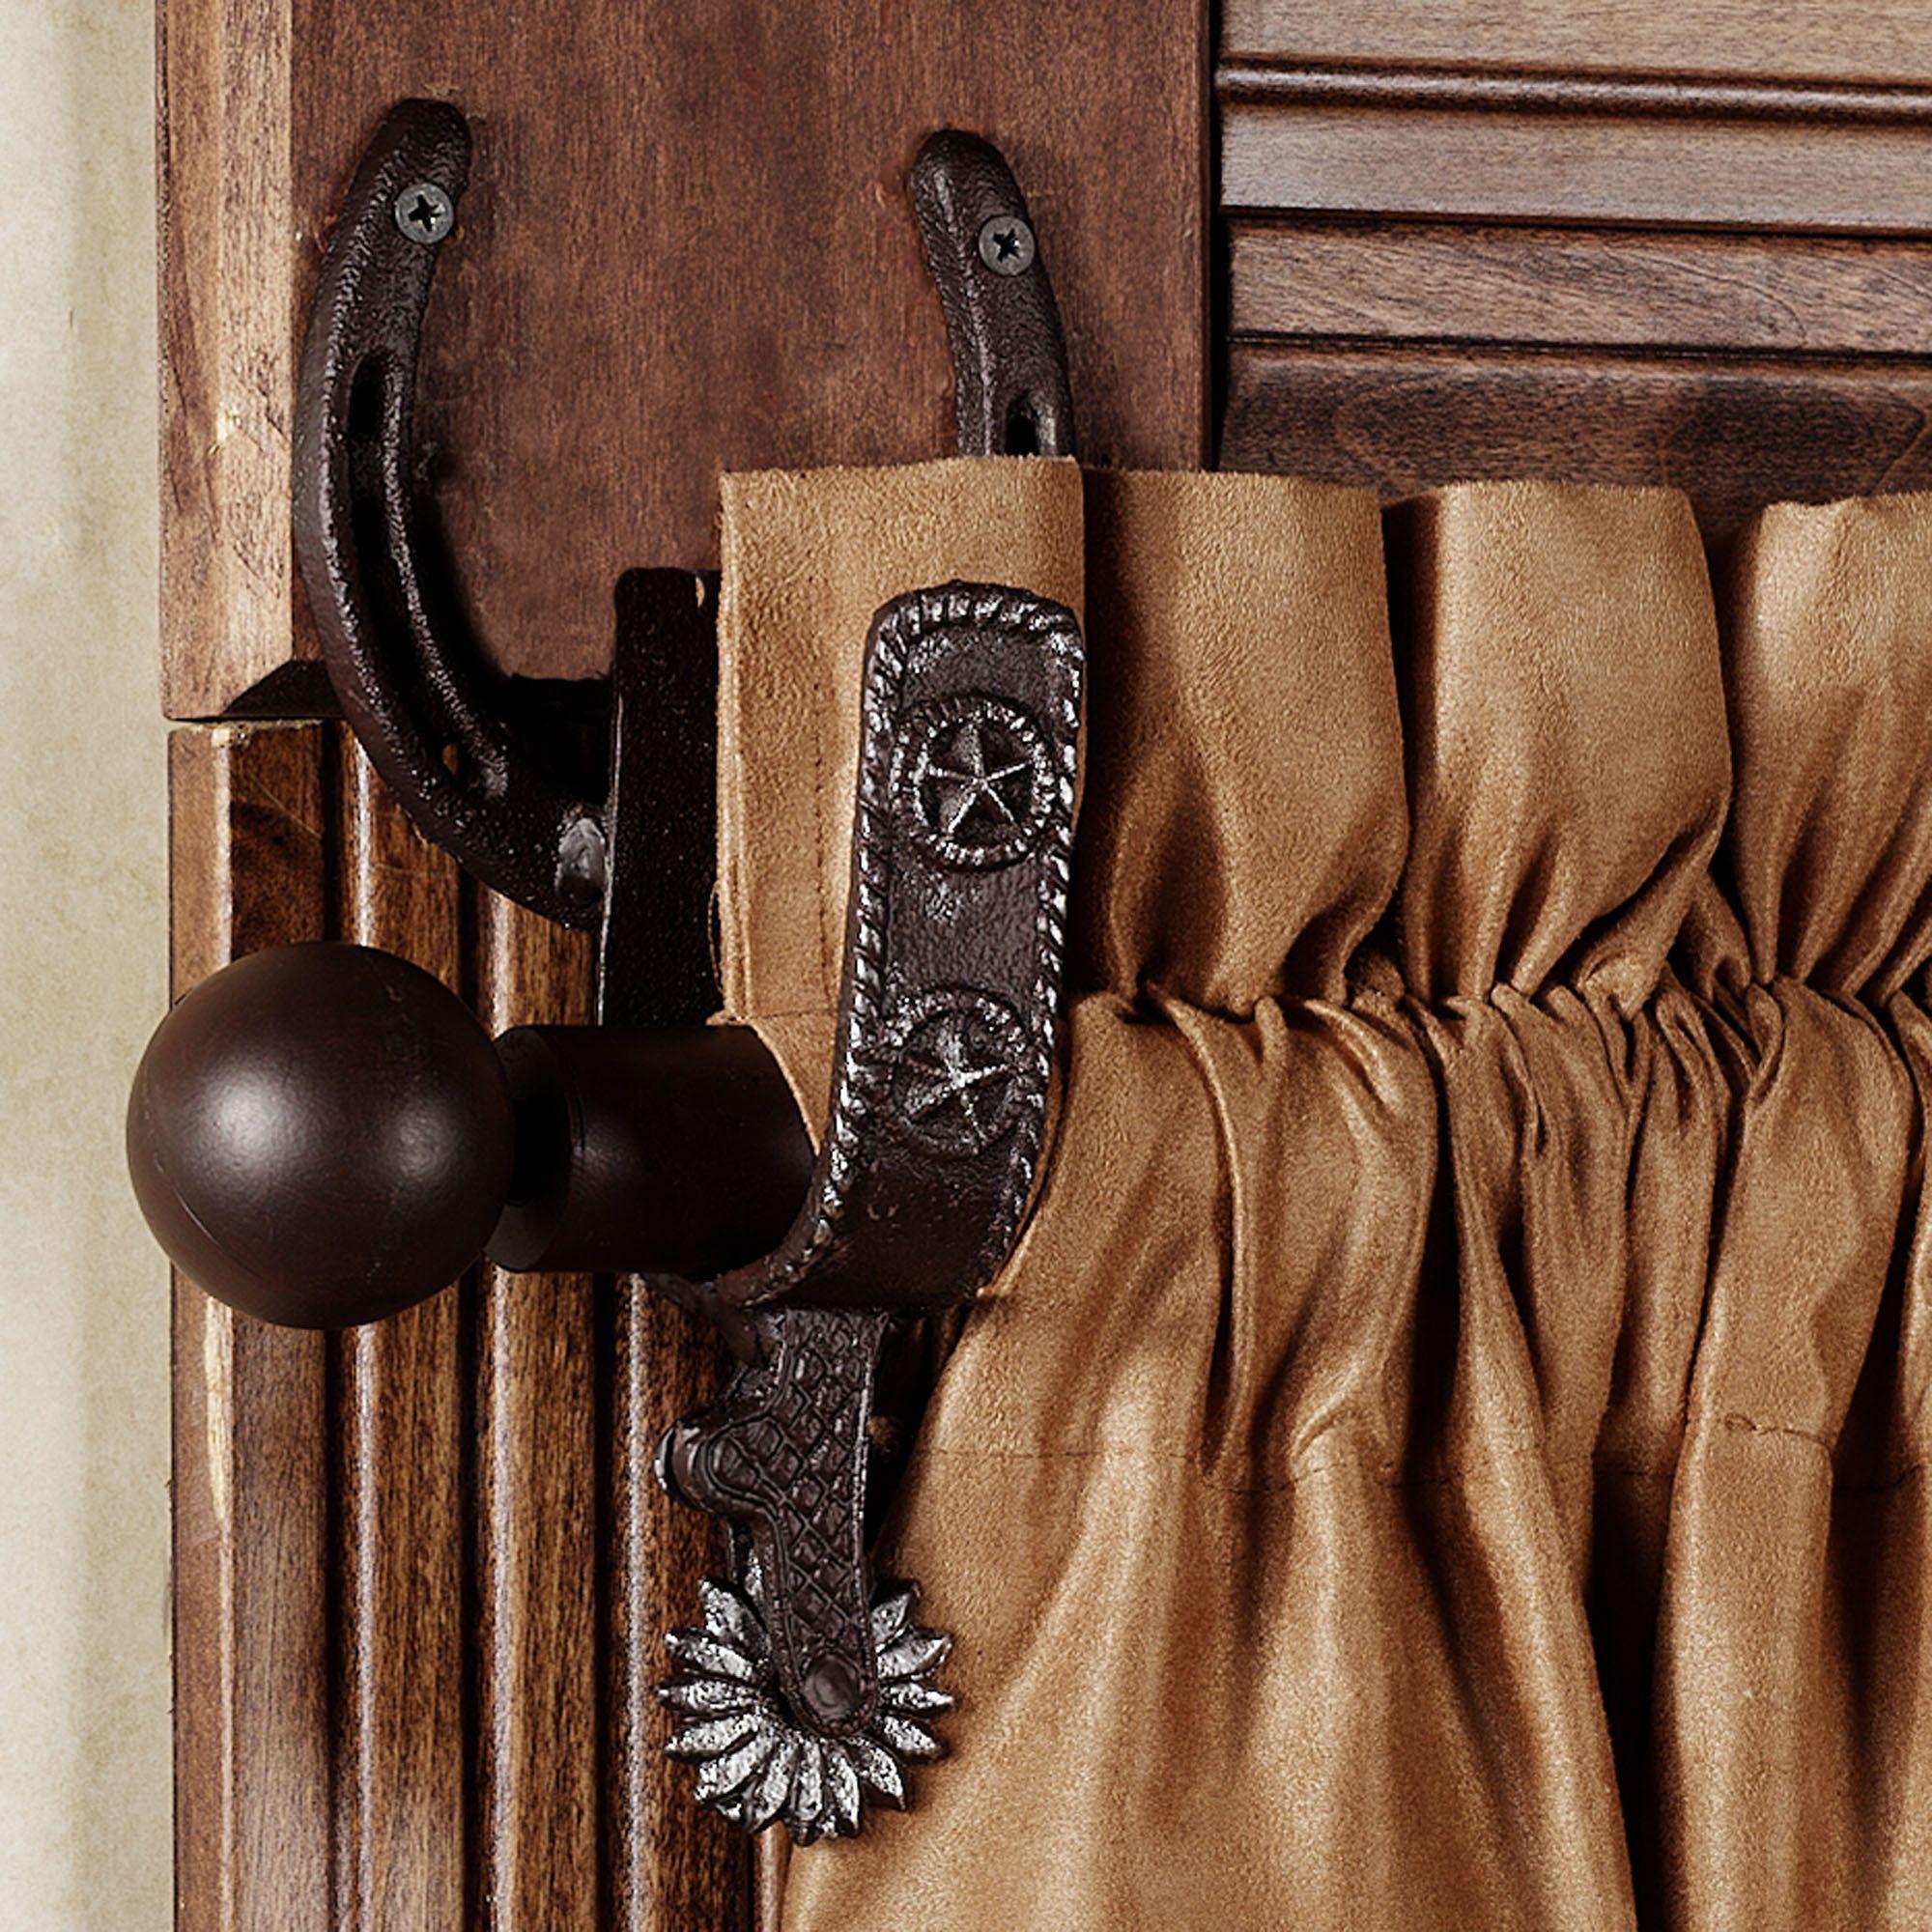 Spurs Western Decorative Curtain Rod Set Western Decor